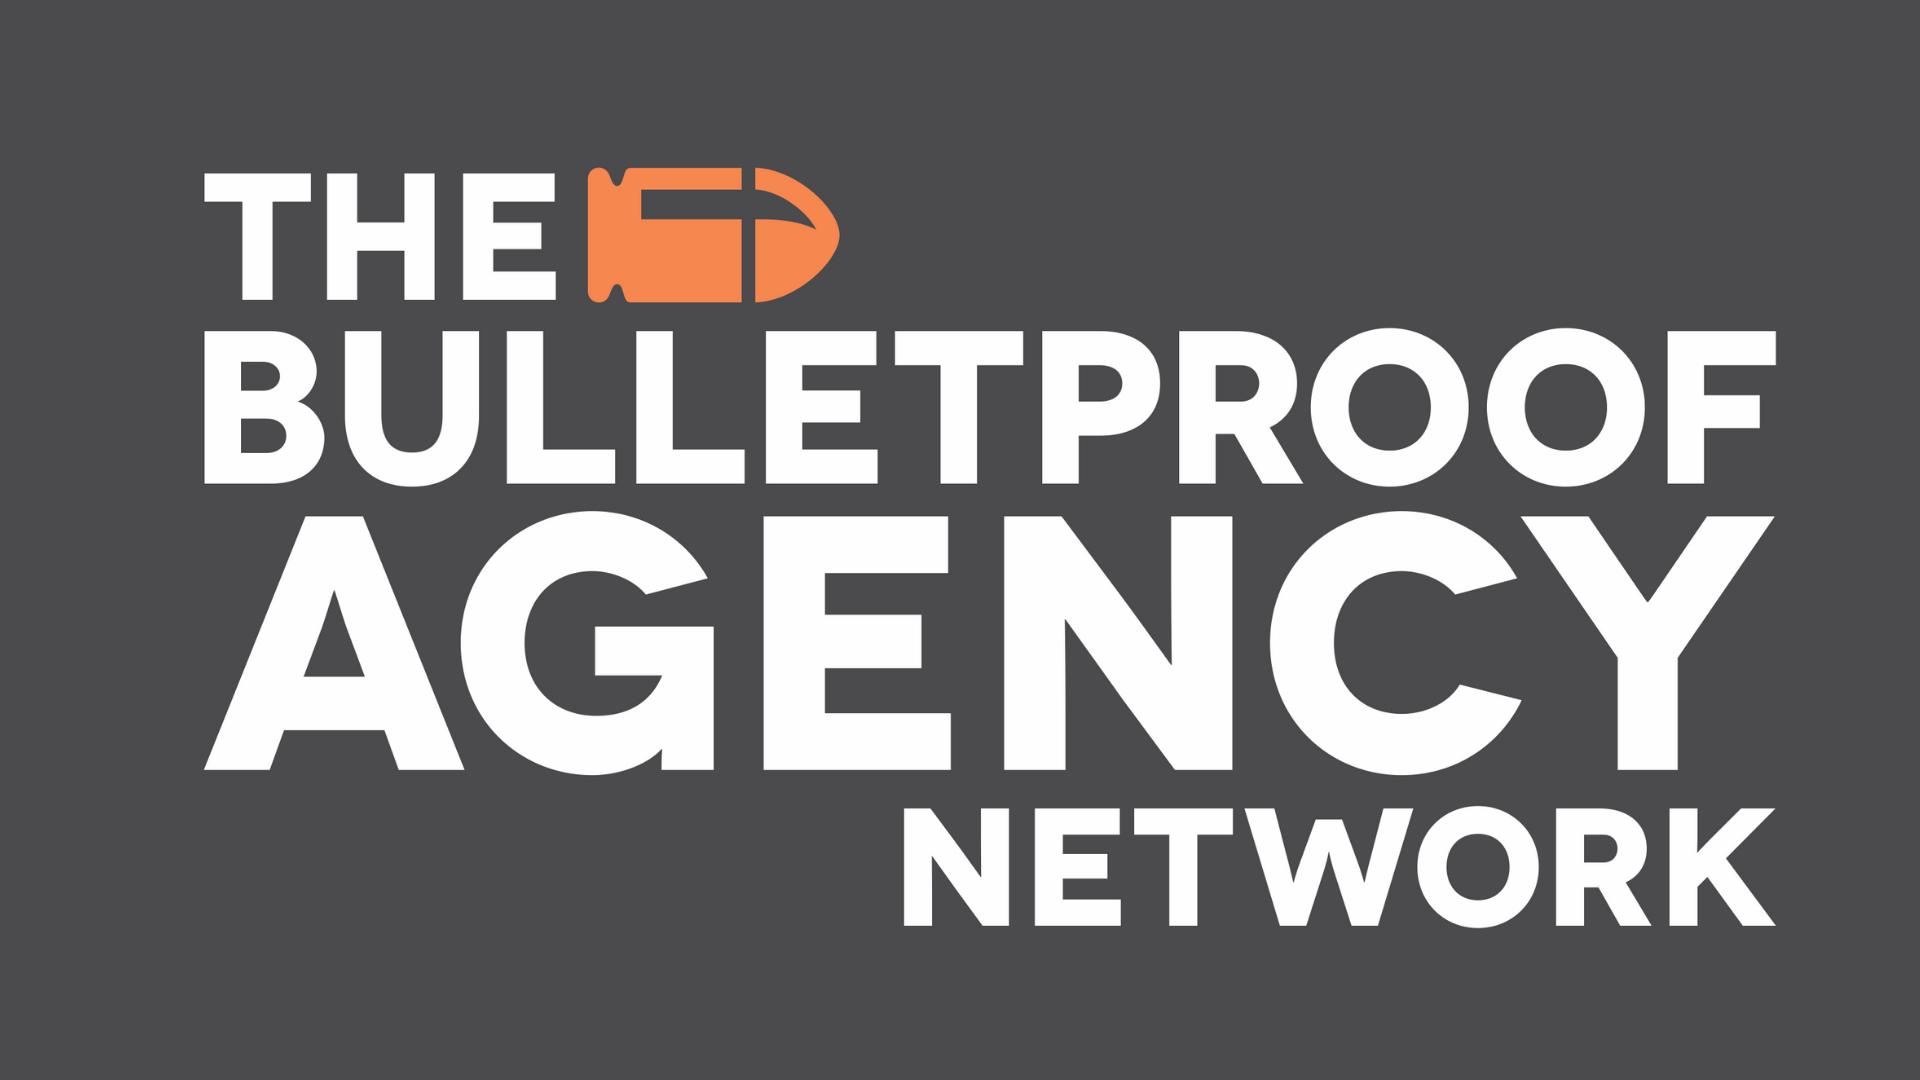 The Bulletproof Agency Network